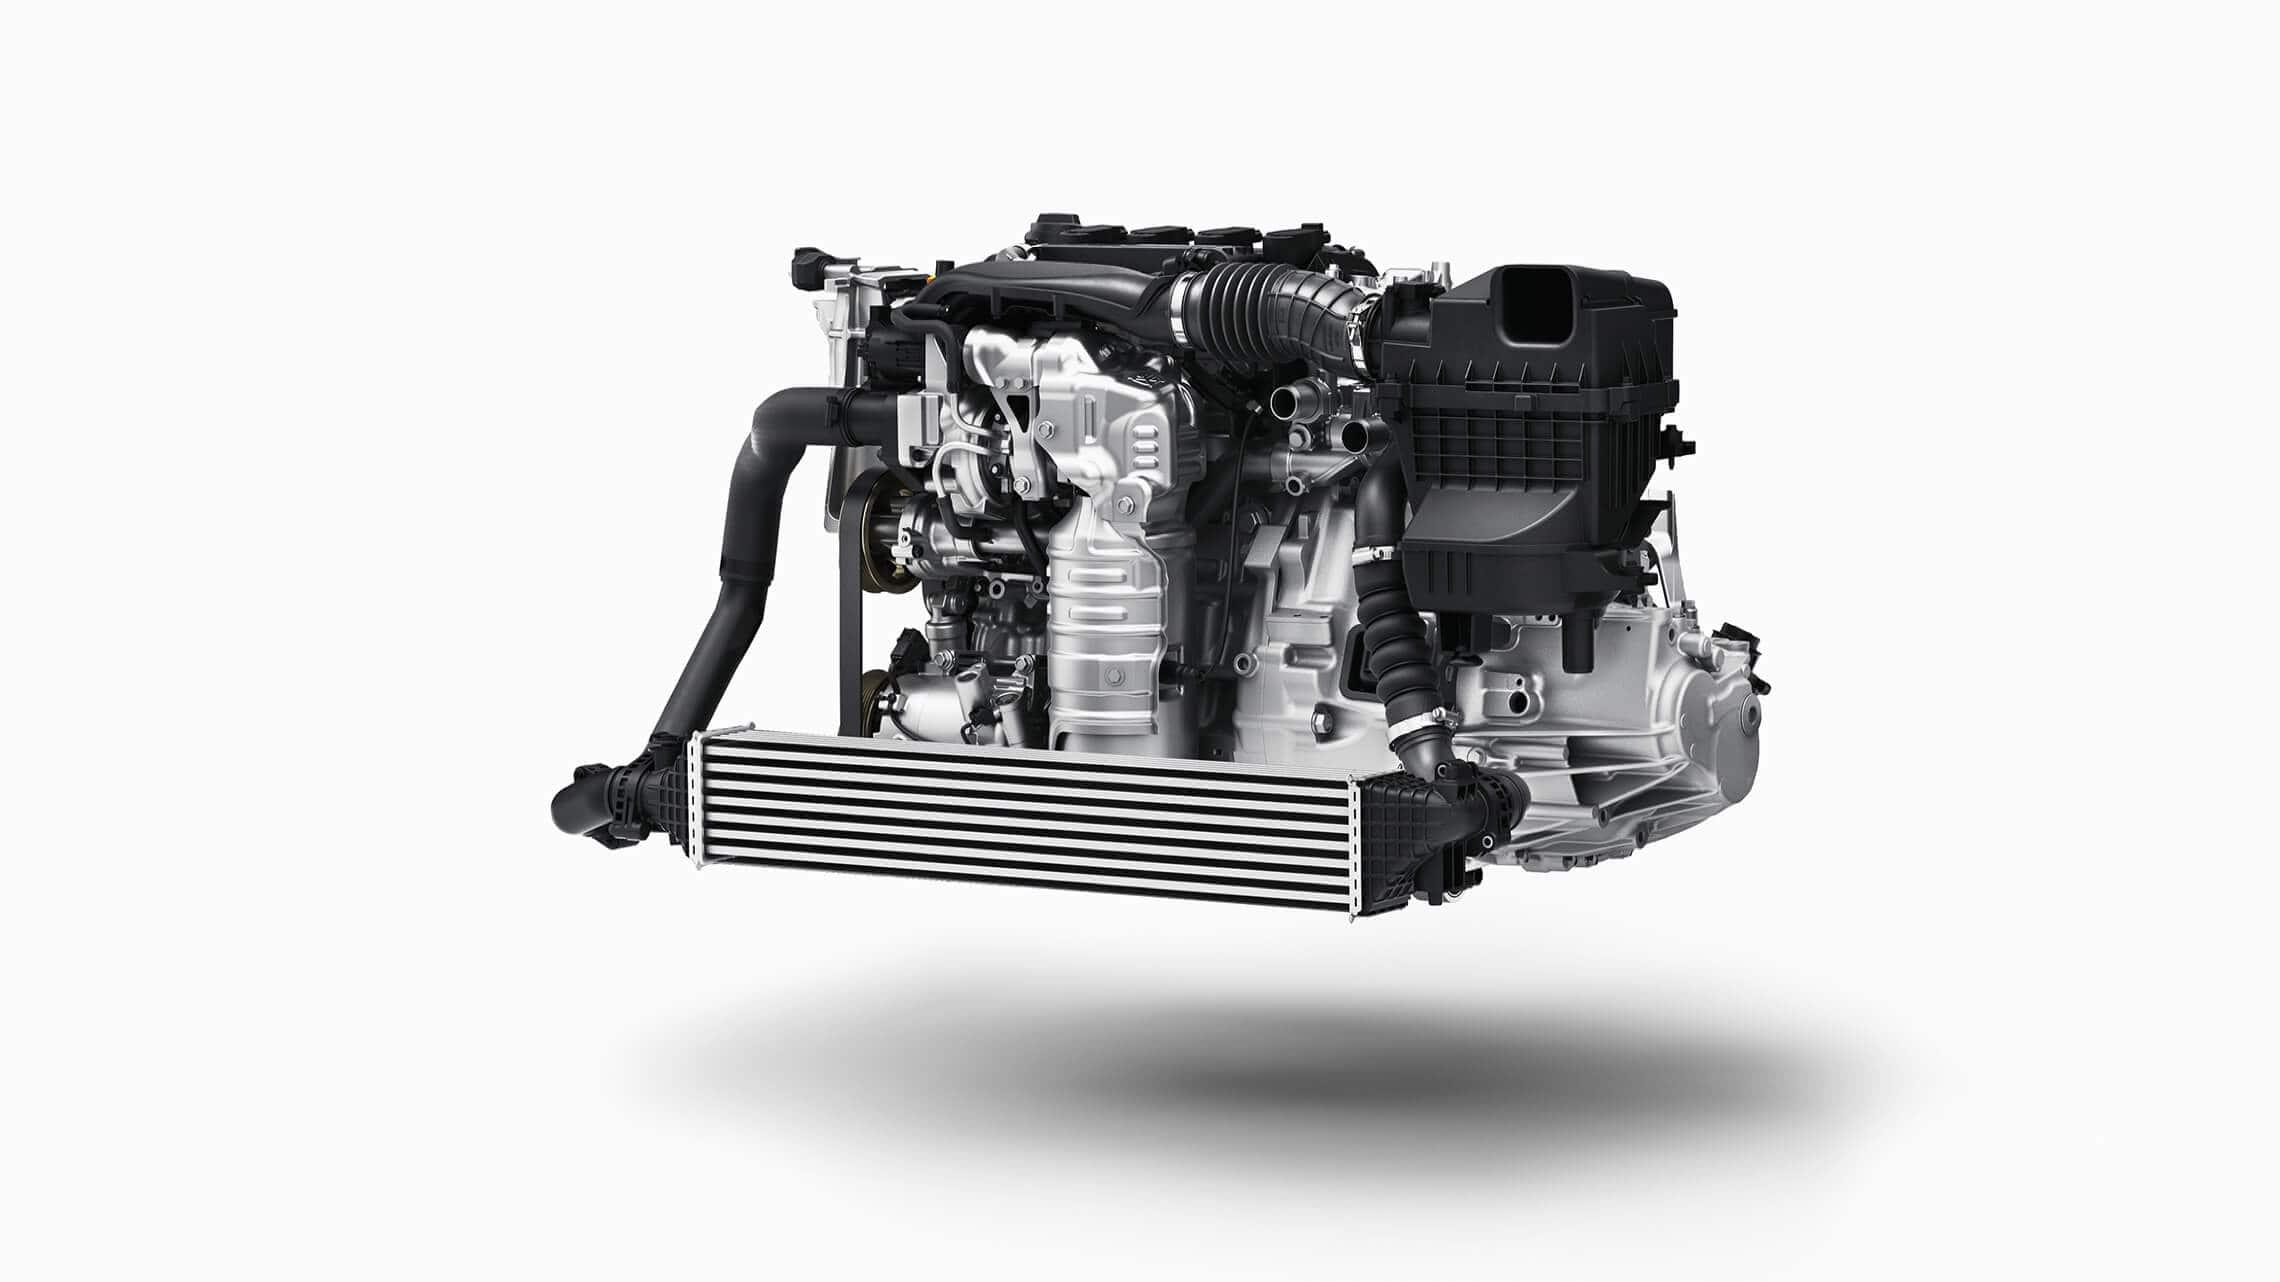 Detalle del motor en el Honda Civic Si Sedán2020.